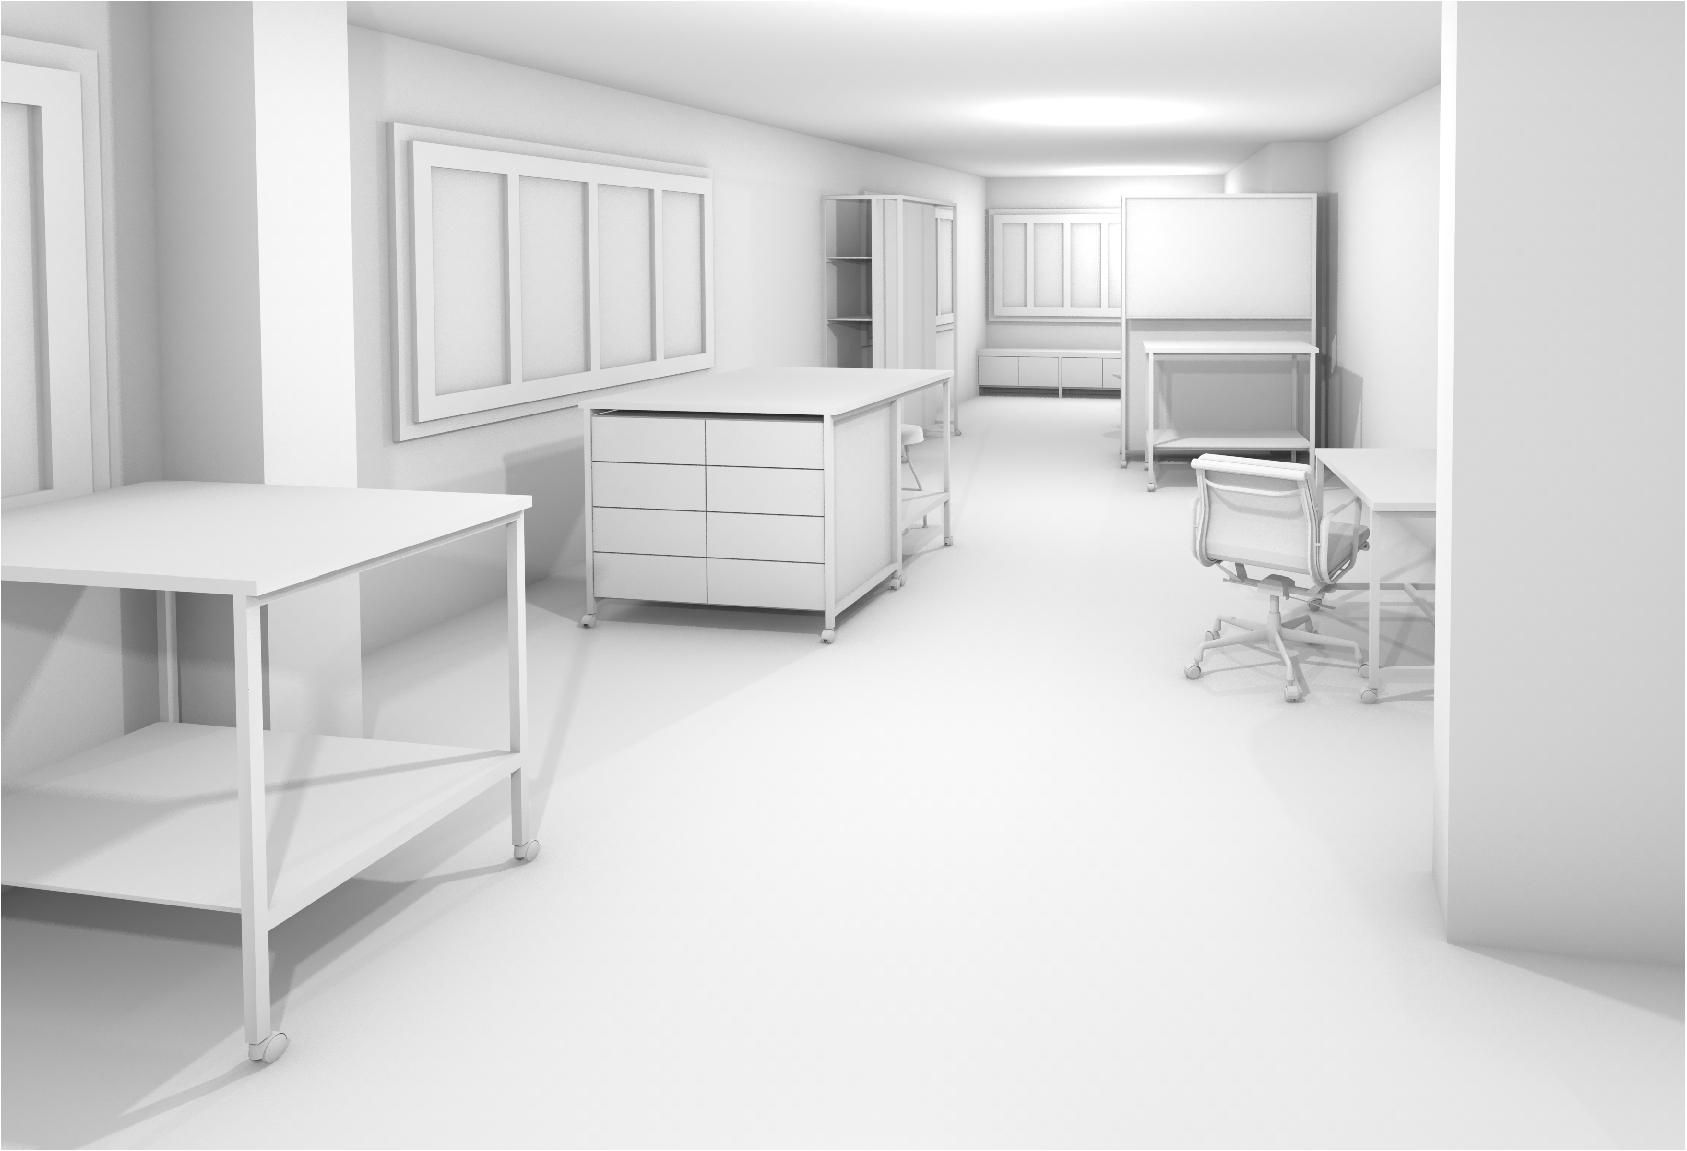 Gipsmodell Rendering Arbeitsbereich Einrichtung 3